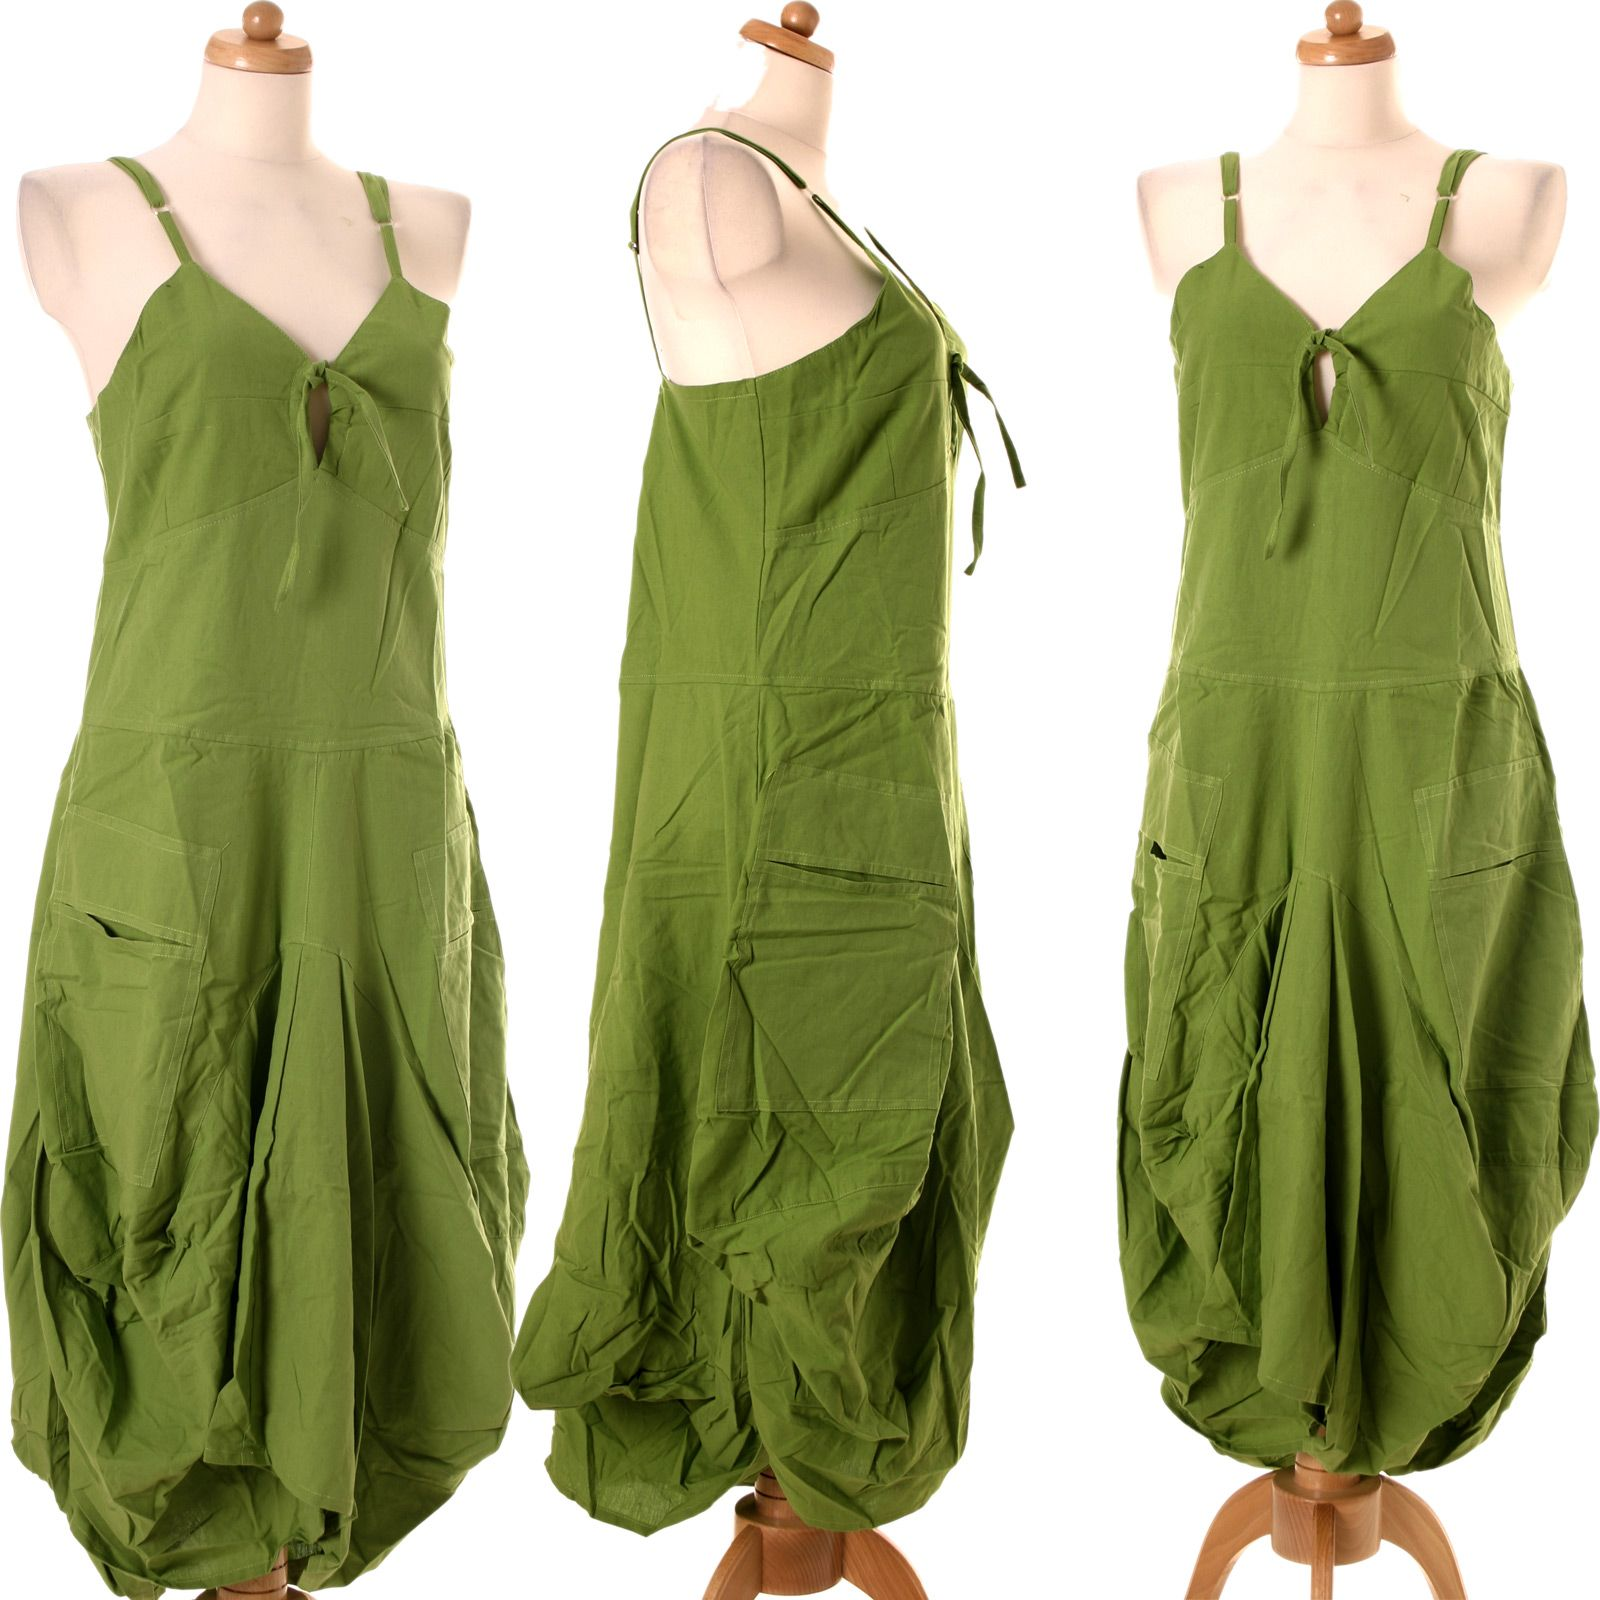 LagenlookVishes Ballonkleid Lang Strand Sommer Kleid zVMUqSp